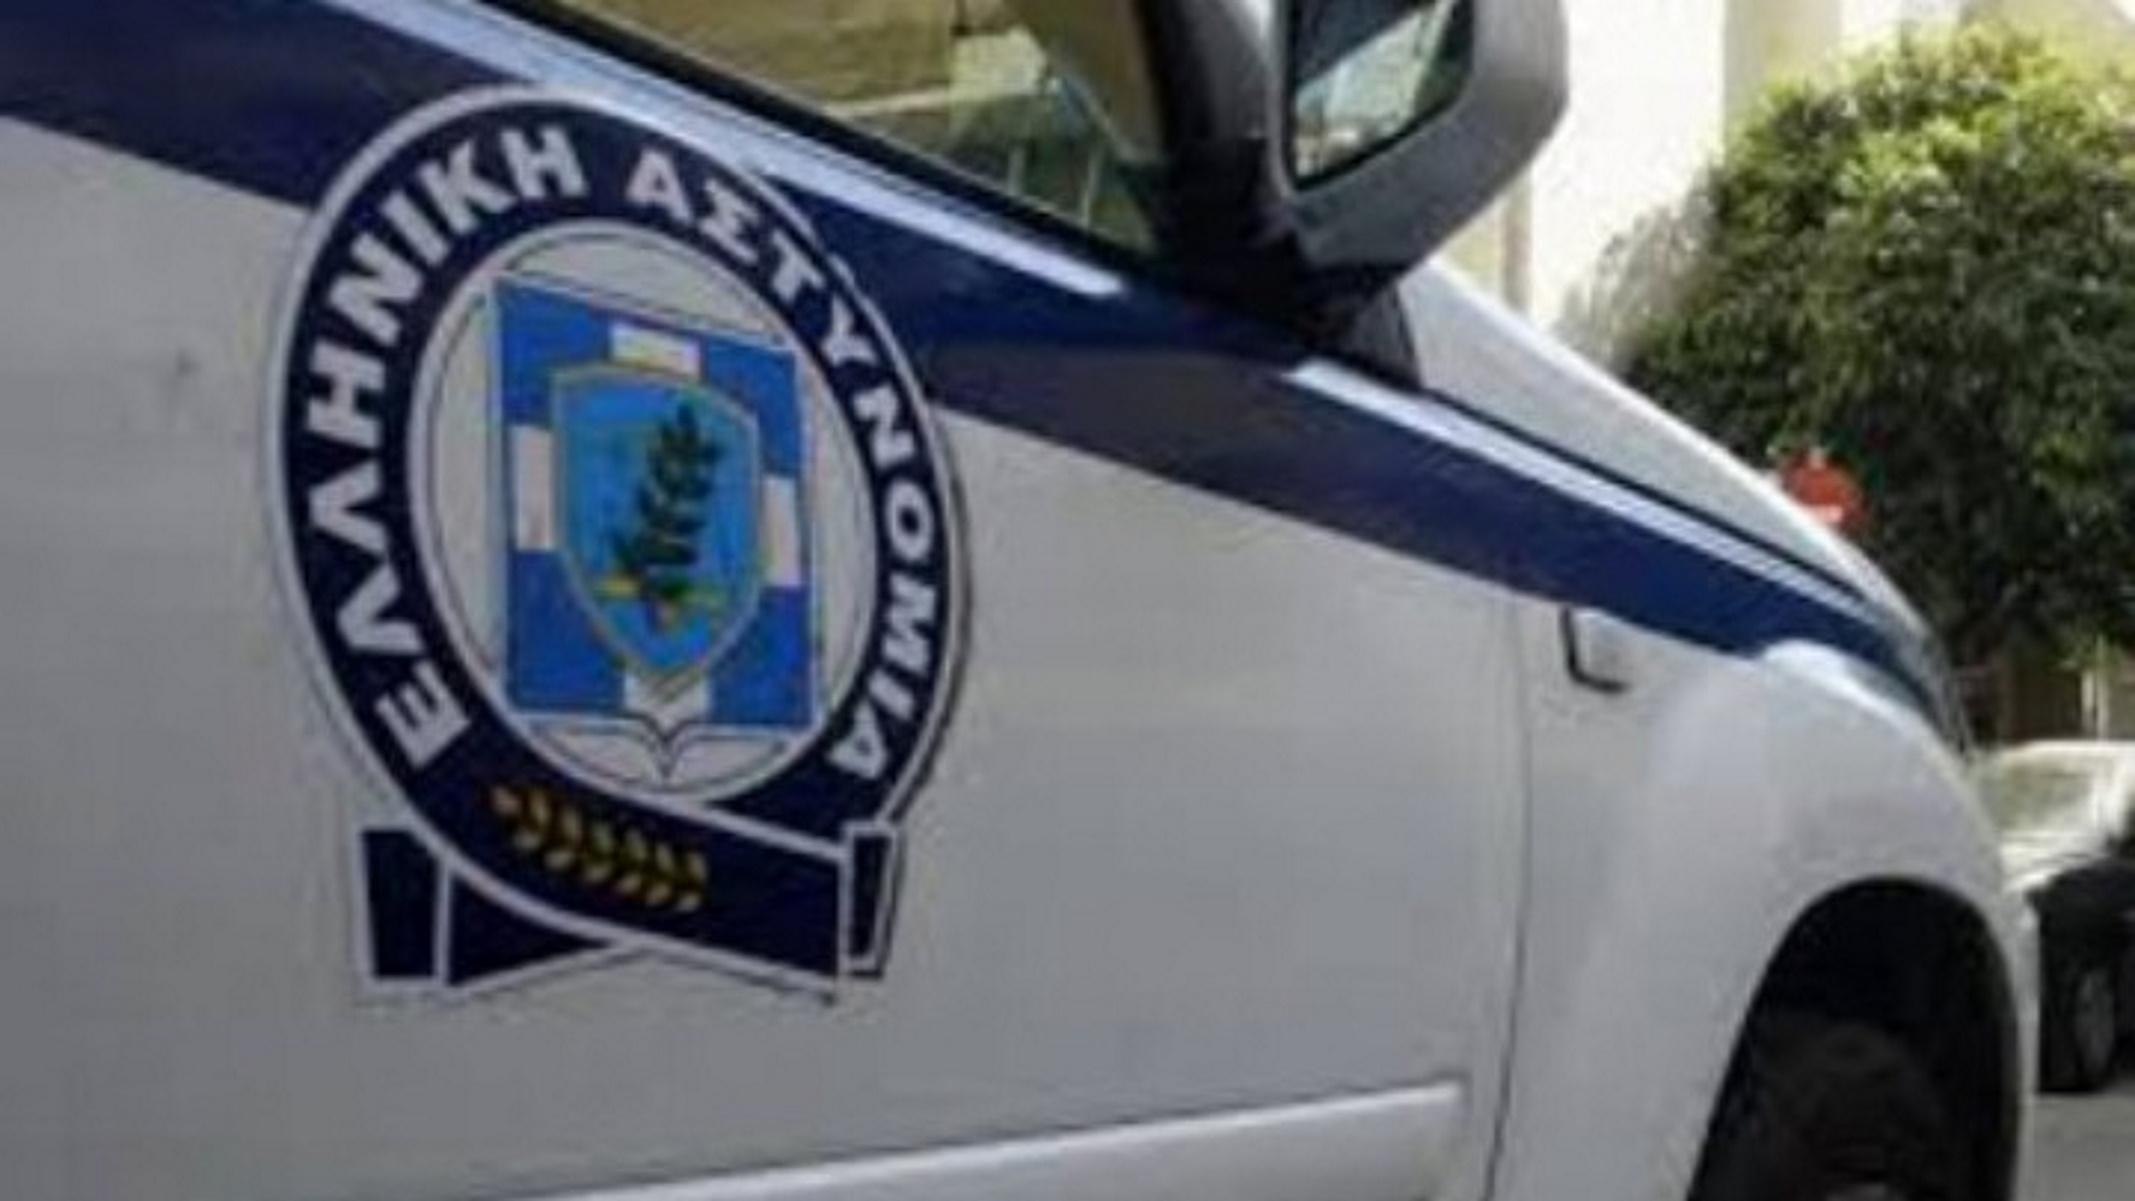 Θεσσαλονίκη: Μείωση κατά 79% των κλοπών στην Νεάπολη το πρώτο τρίμηνο το 2021